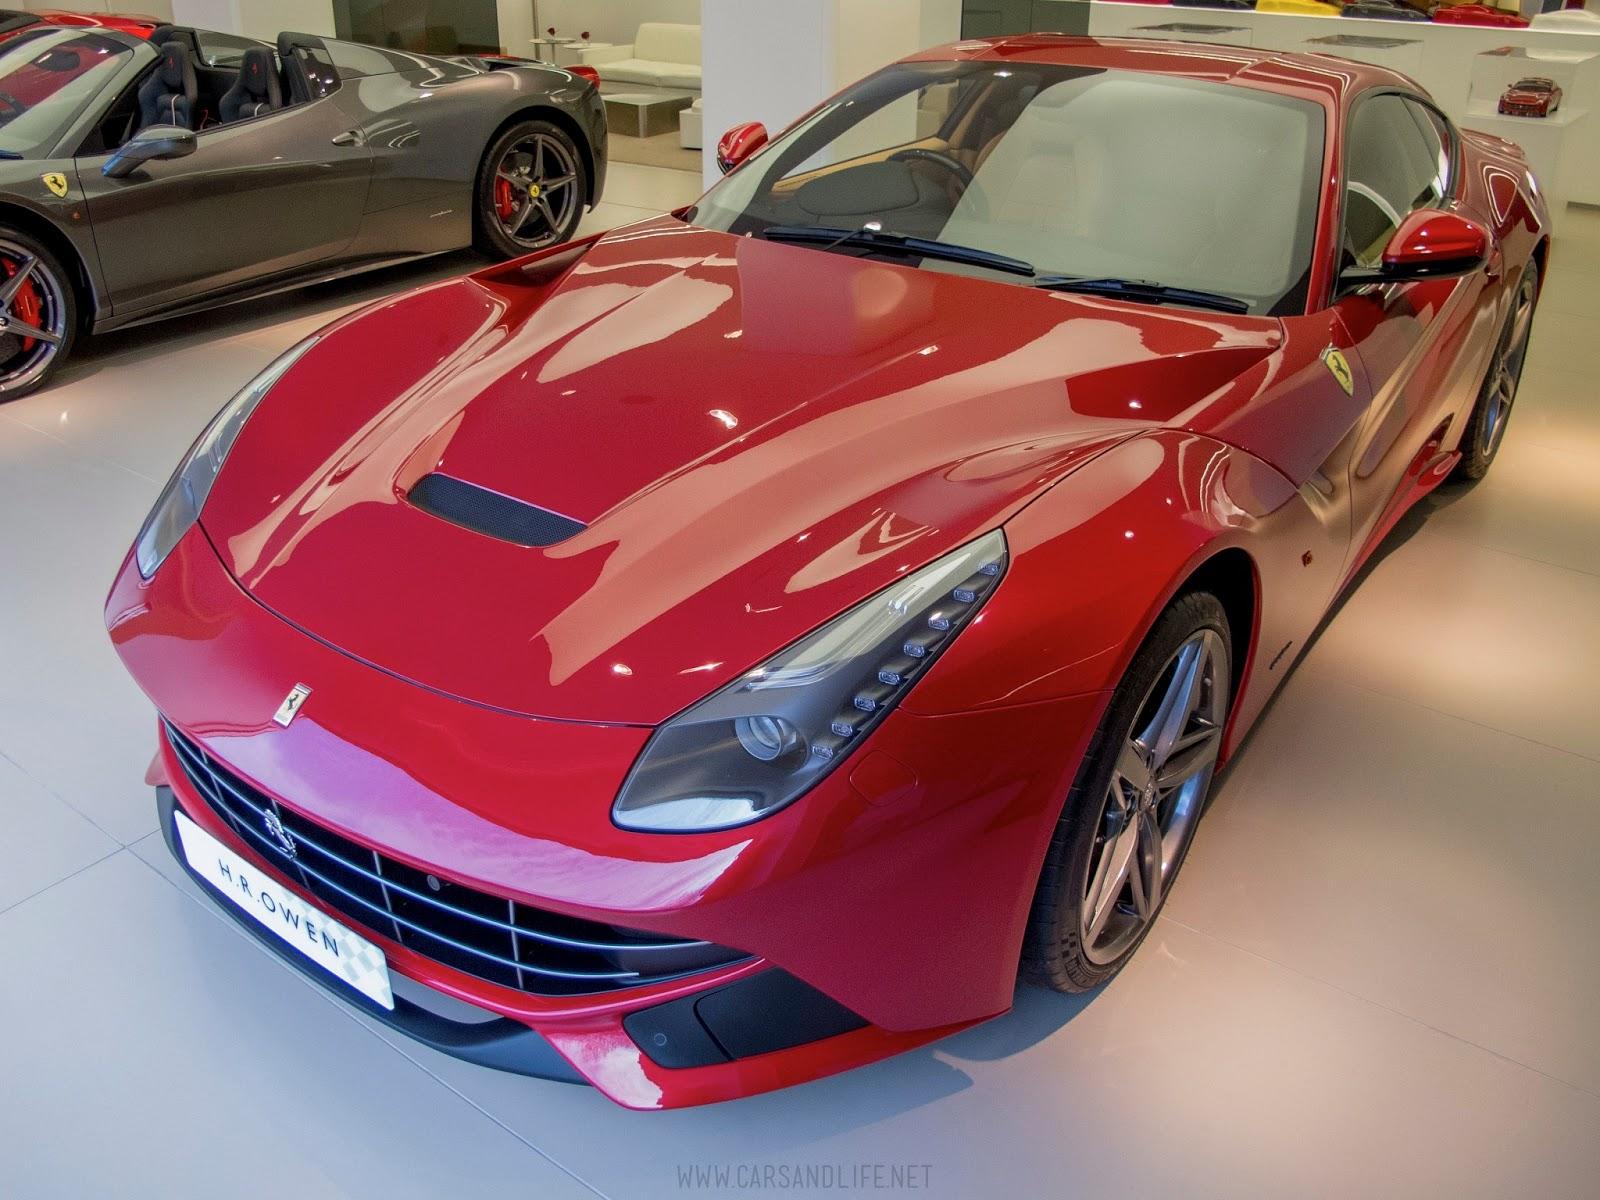 Ferrari F12 berlinetta in London  PinItForwardUK